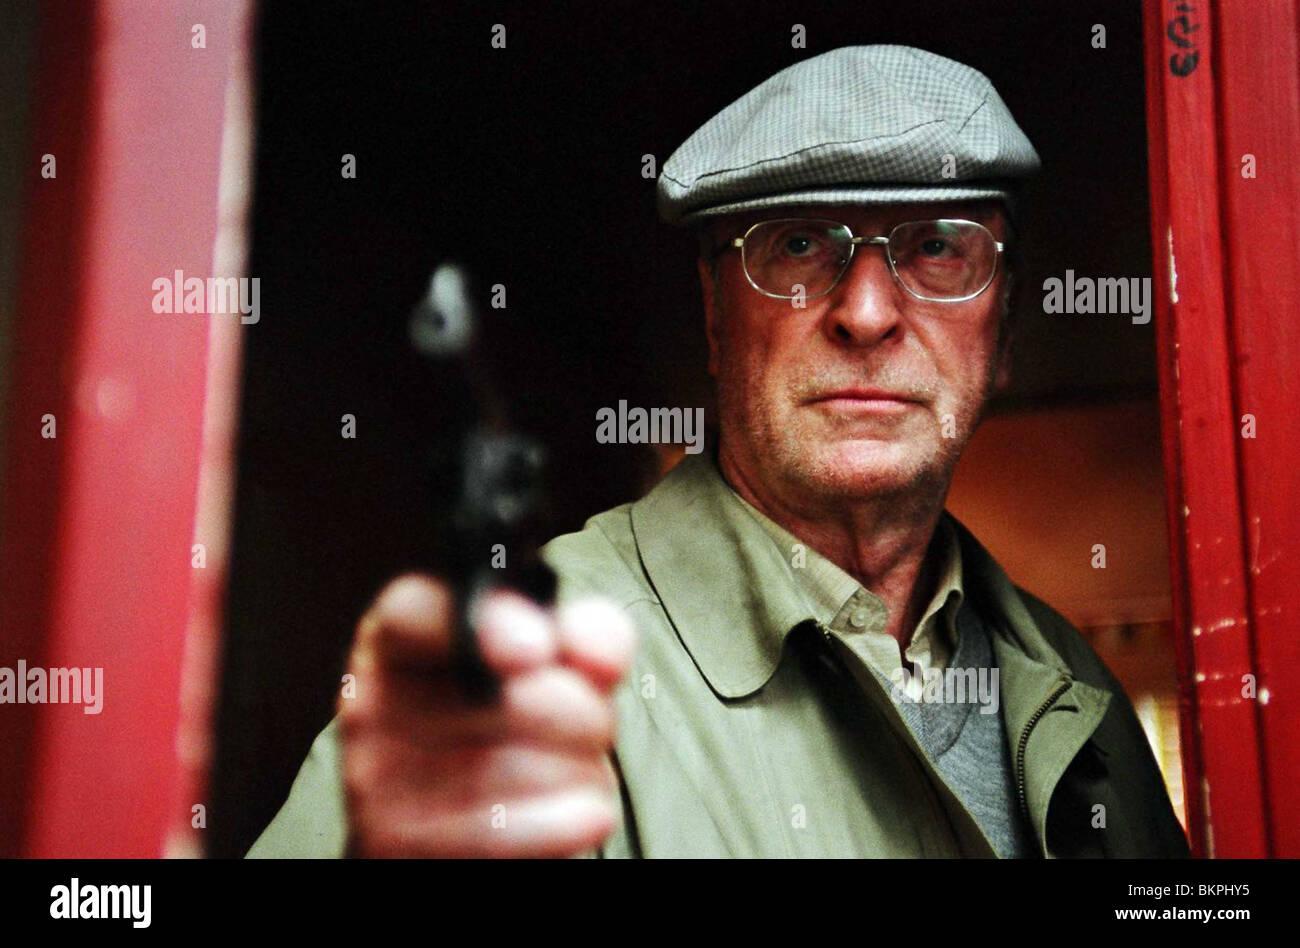 THE STATEMENT (2003) CRIMES CONTRE L'HUMANITE (ALT) MICHAEL CAINE NORMAN JEWISON (DIR) CCIL 002 - Stock Image